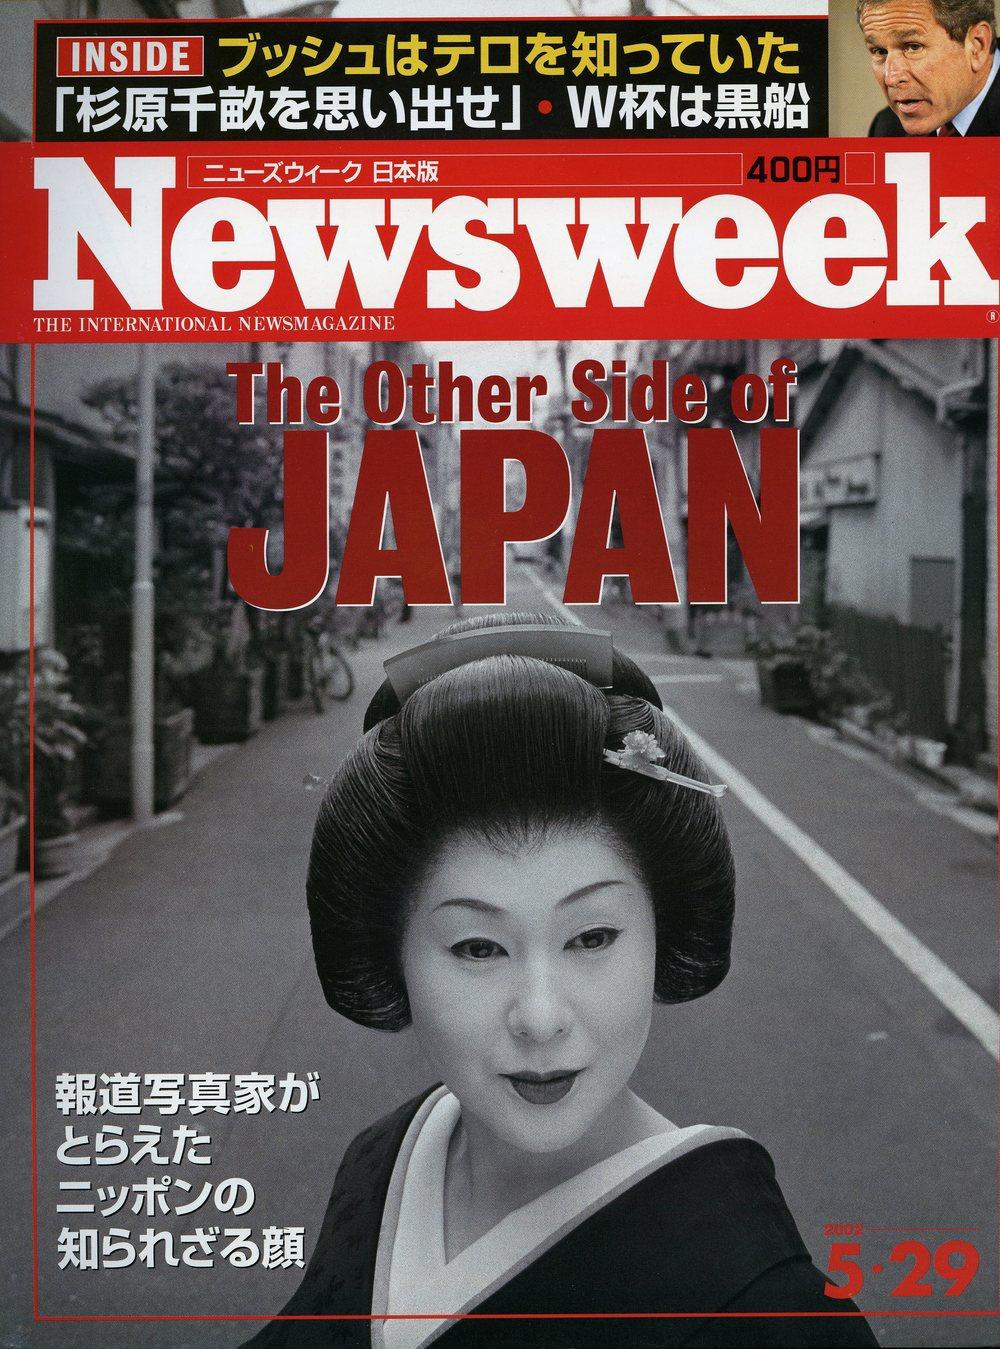 05292002_NEWSWEEK_JAPAN_COVER.jpg